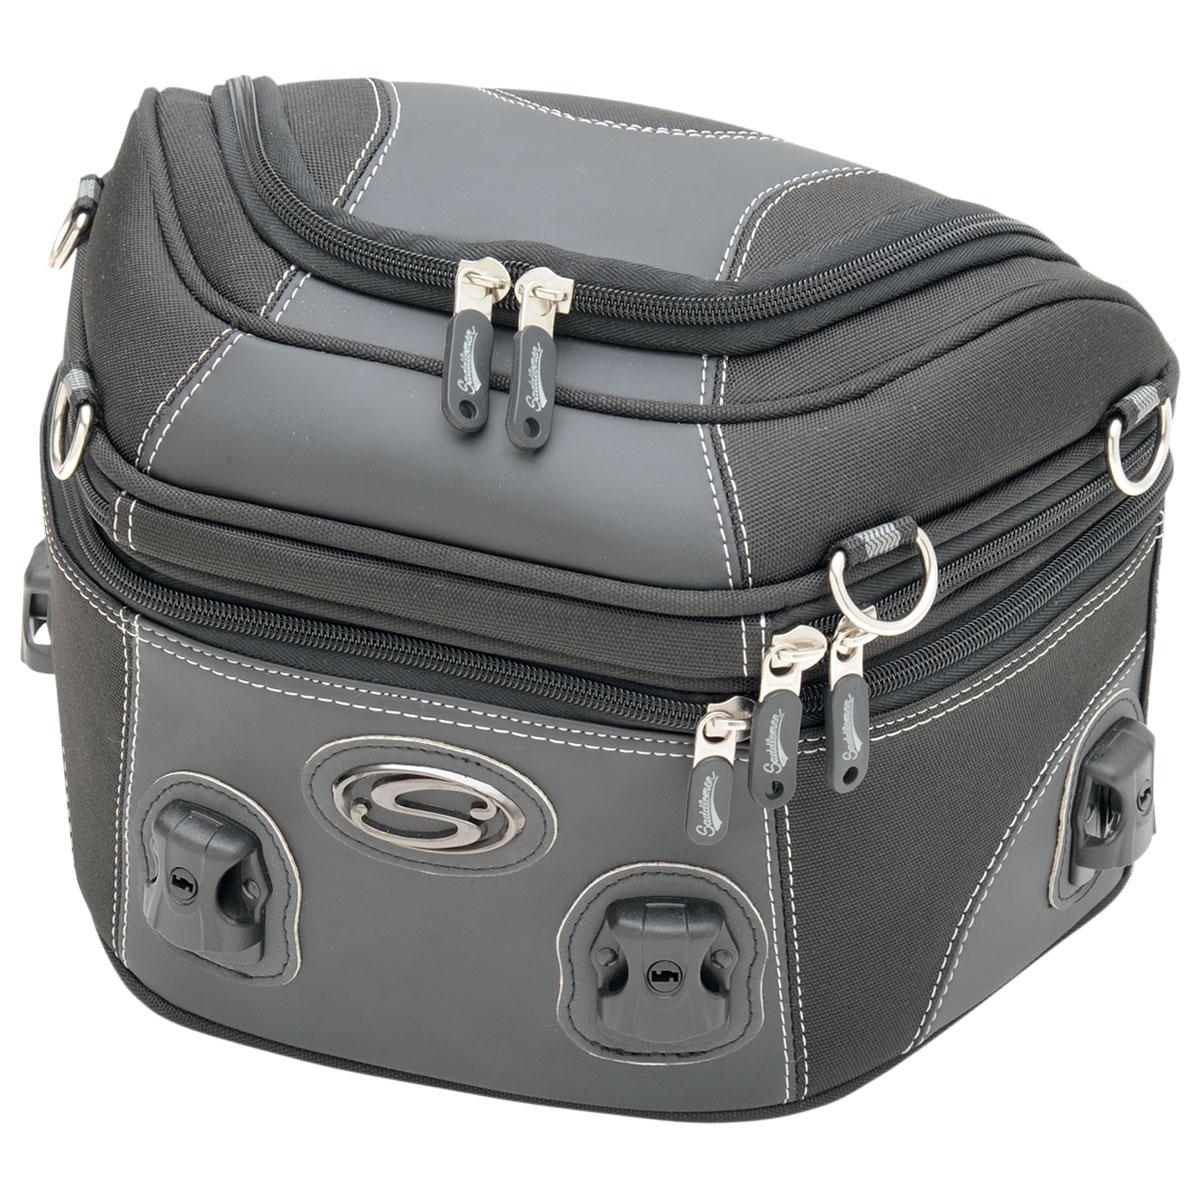 Saddlemen AP700 Rack Bag